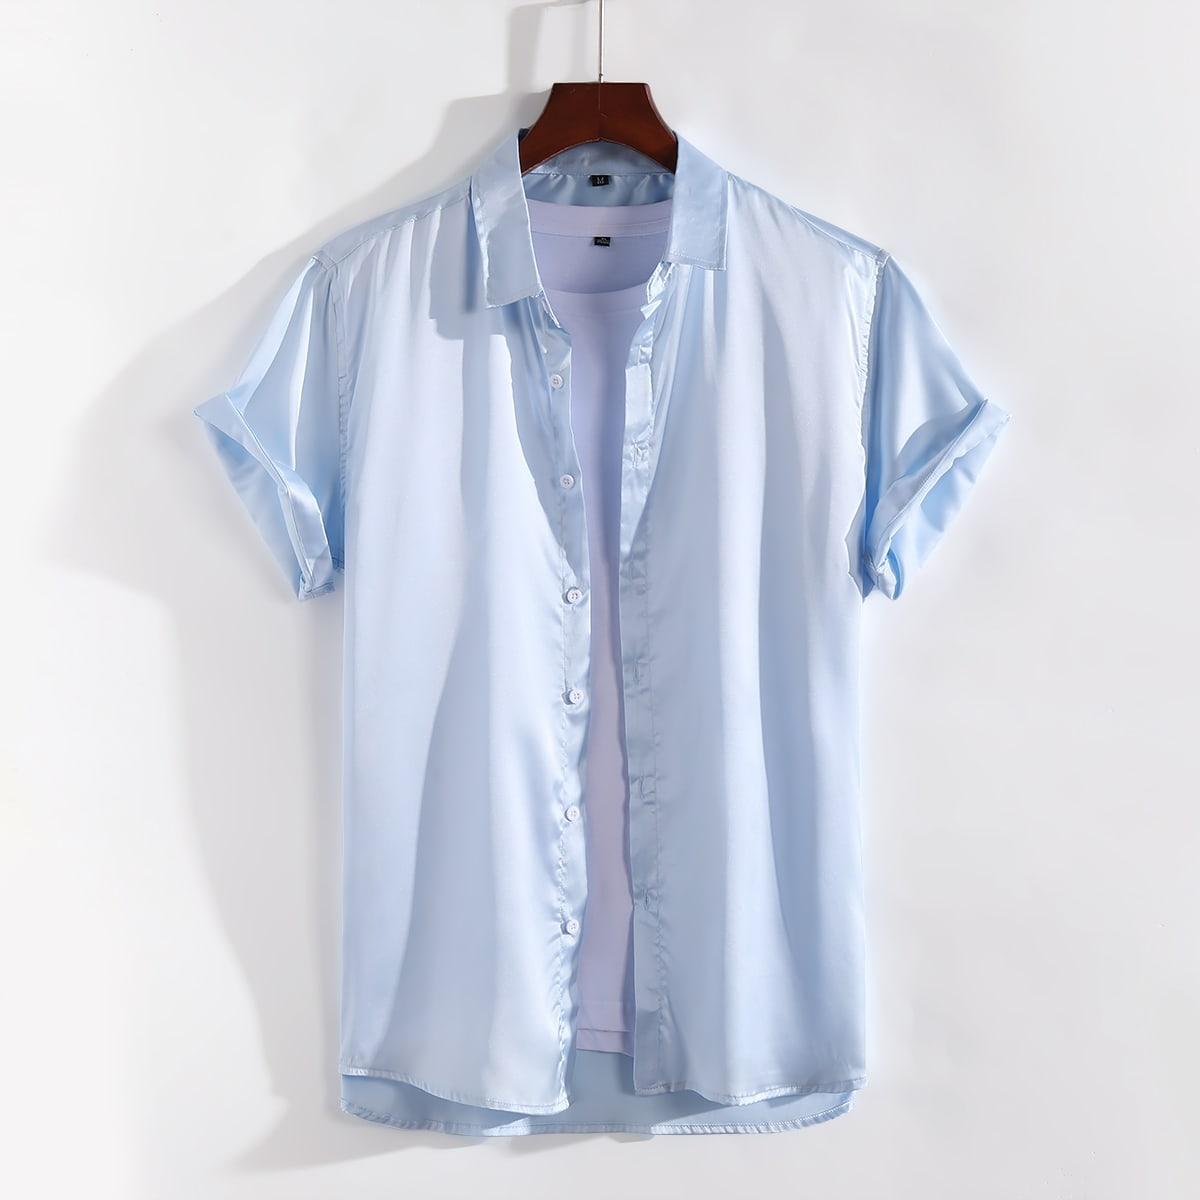 Мужская атласная рубашка на пуговицах